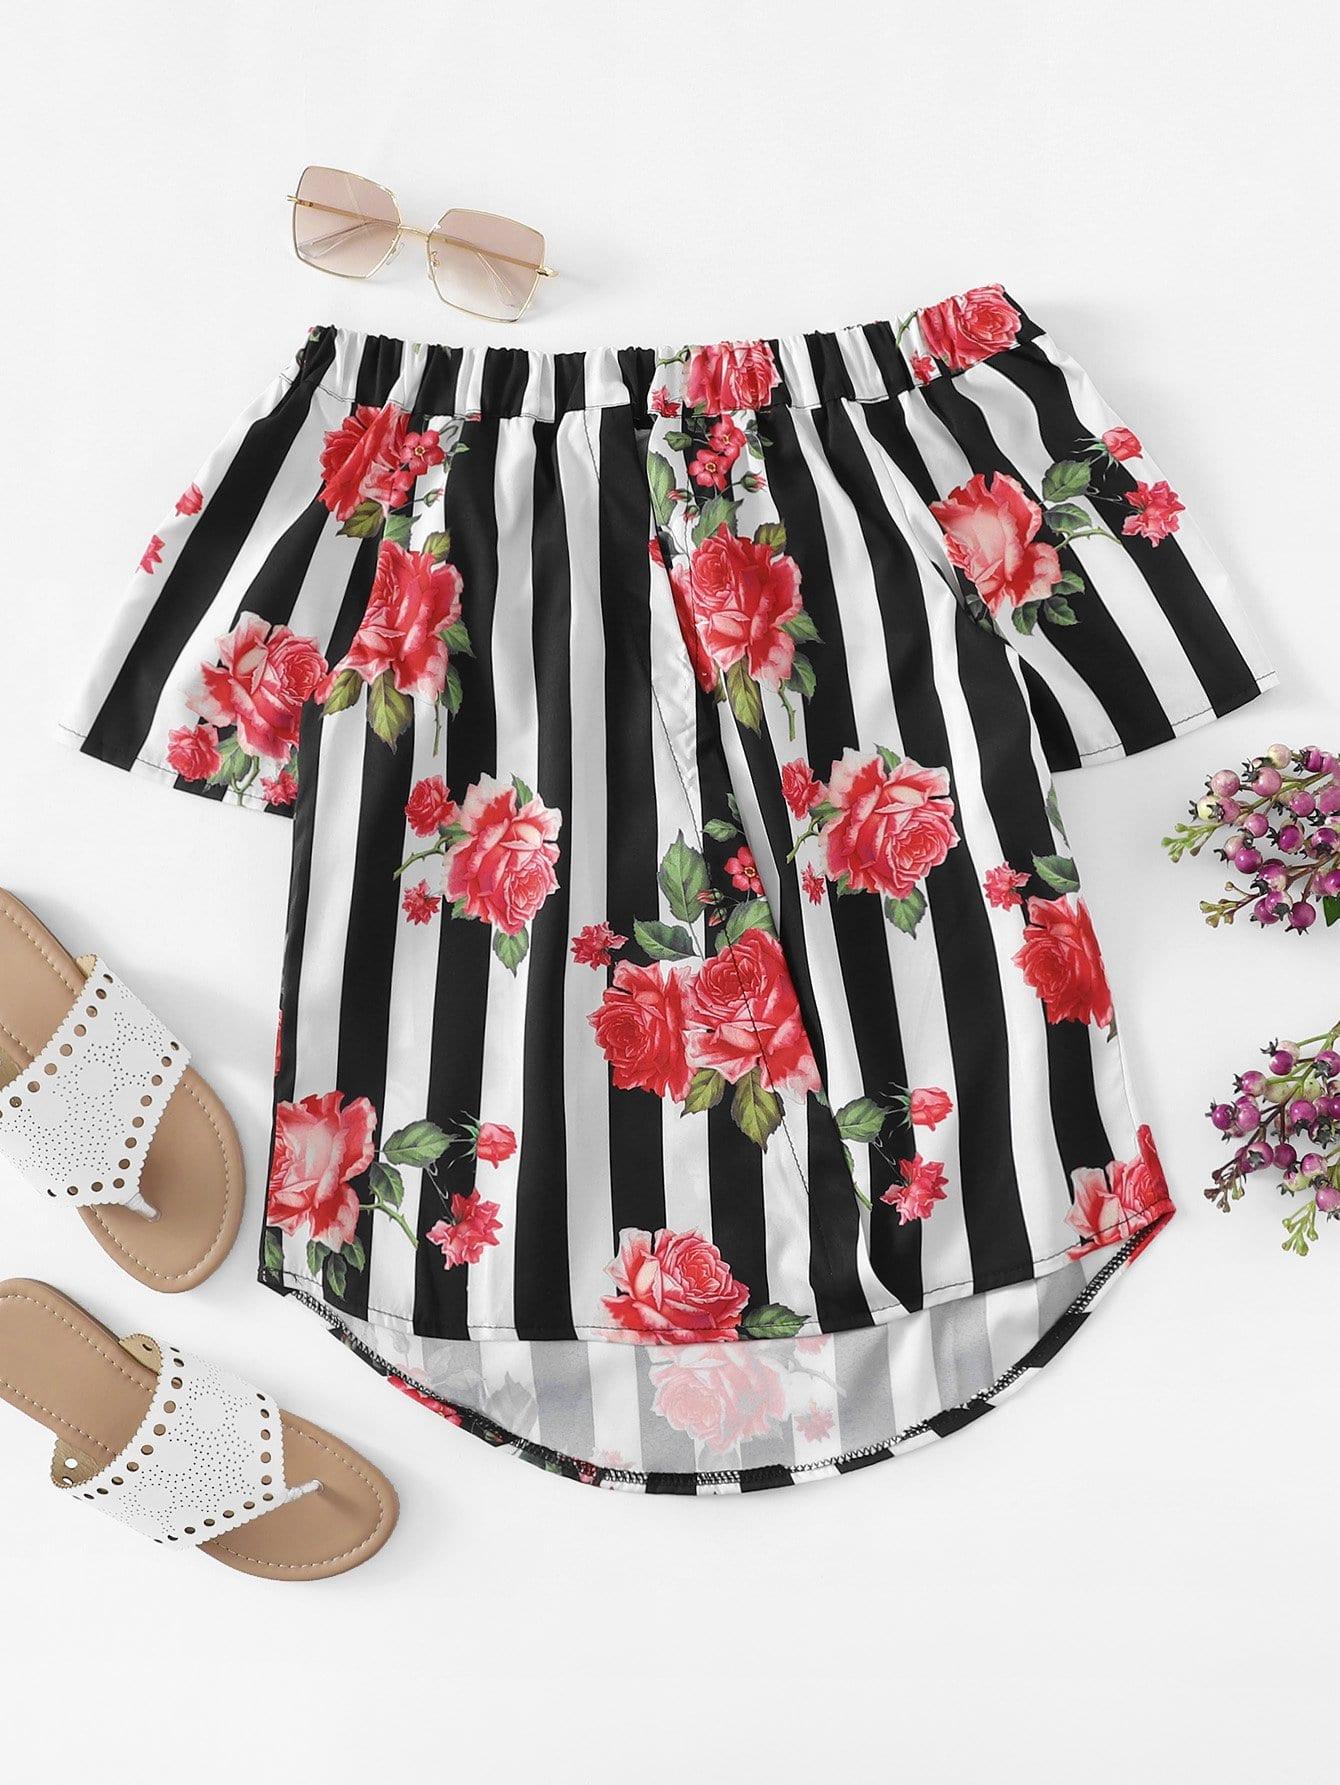 Schulterfreie Bluse mit Streifen, abfallendem Saum und Blumen